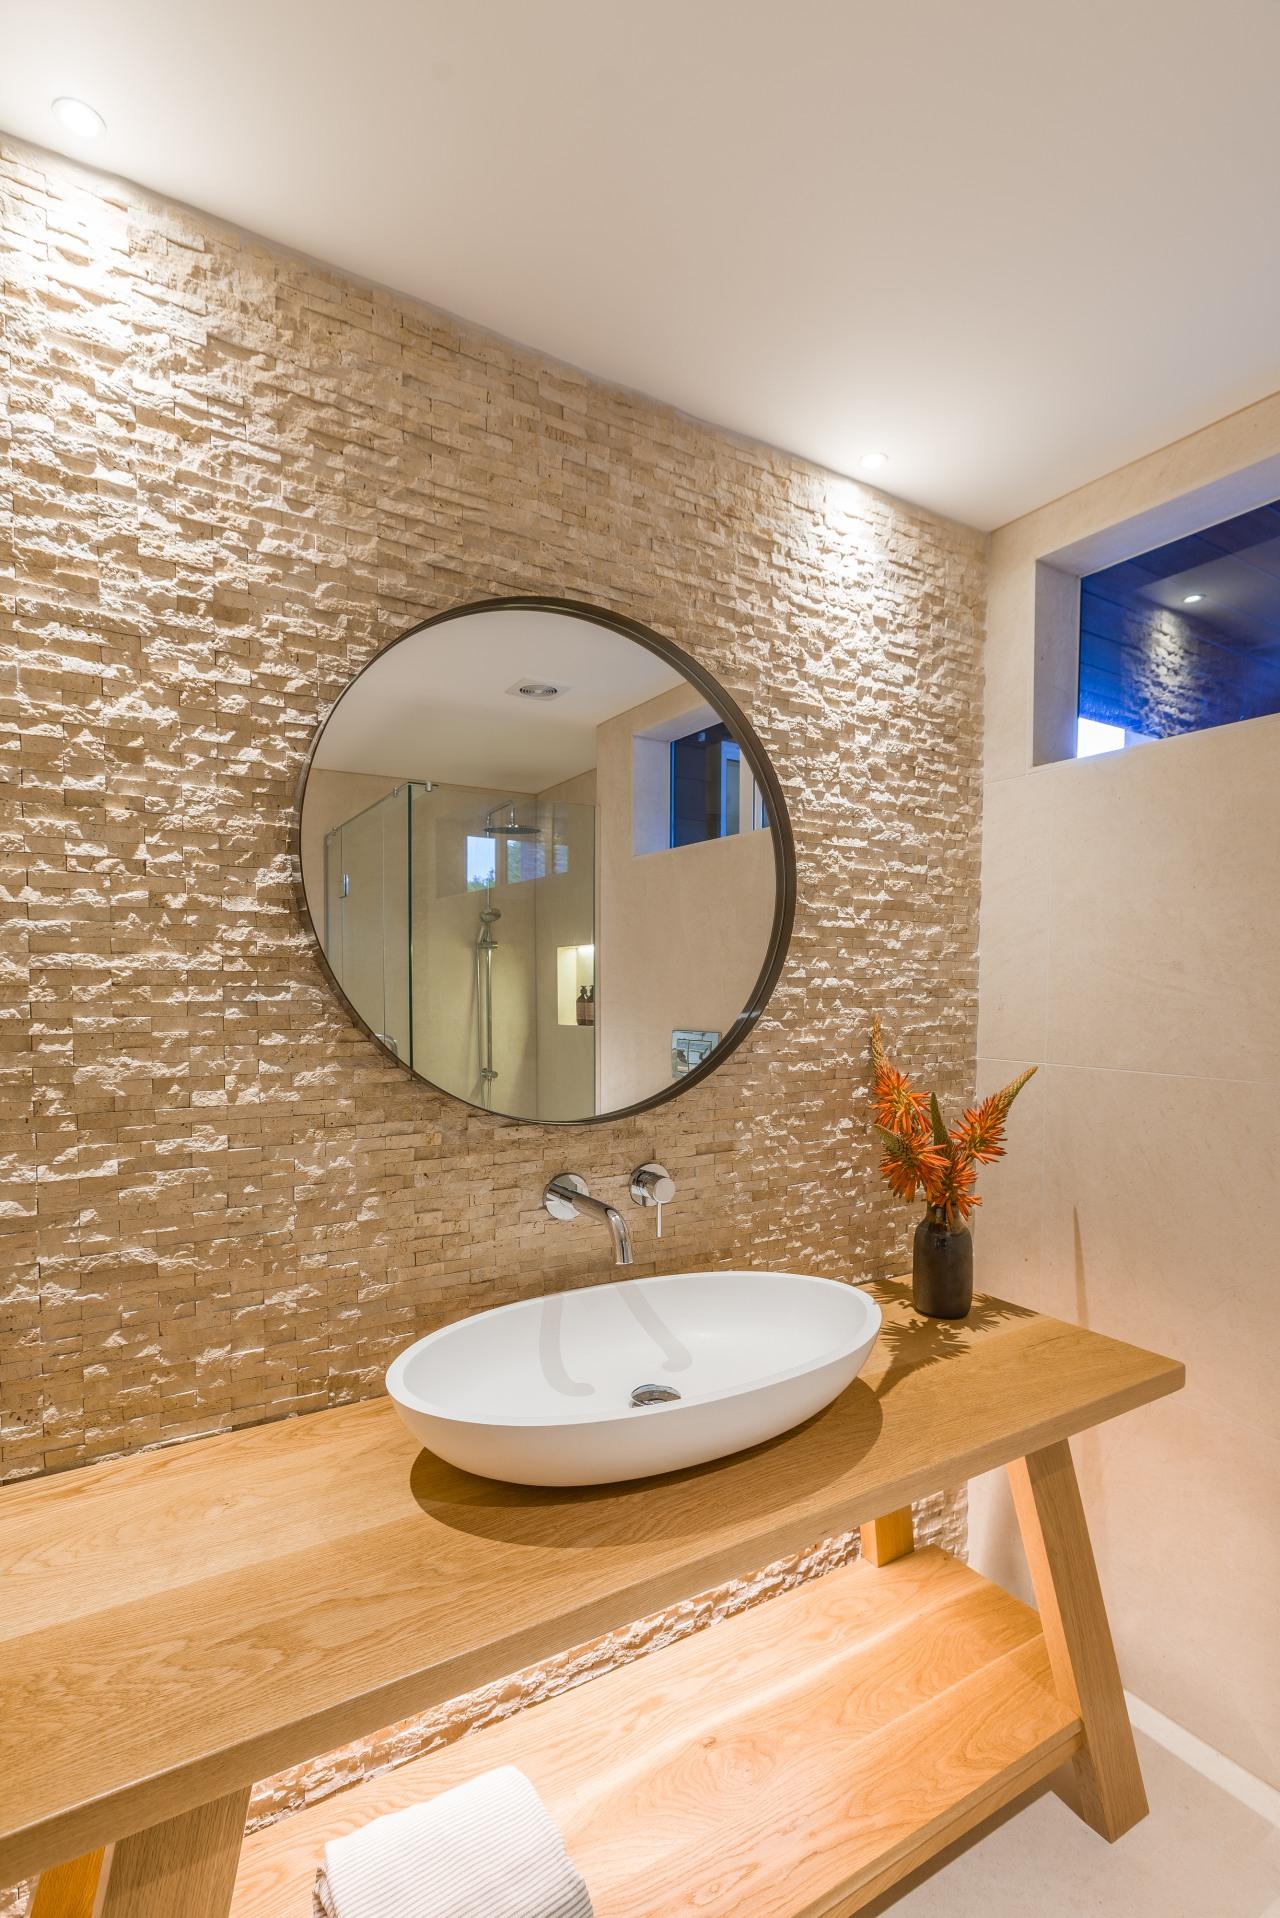 The split-face travertine wall was water-blasted in key bathroom, interior design, sink, Travertine, Natalie du Bois, design